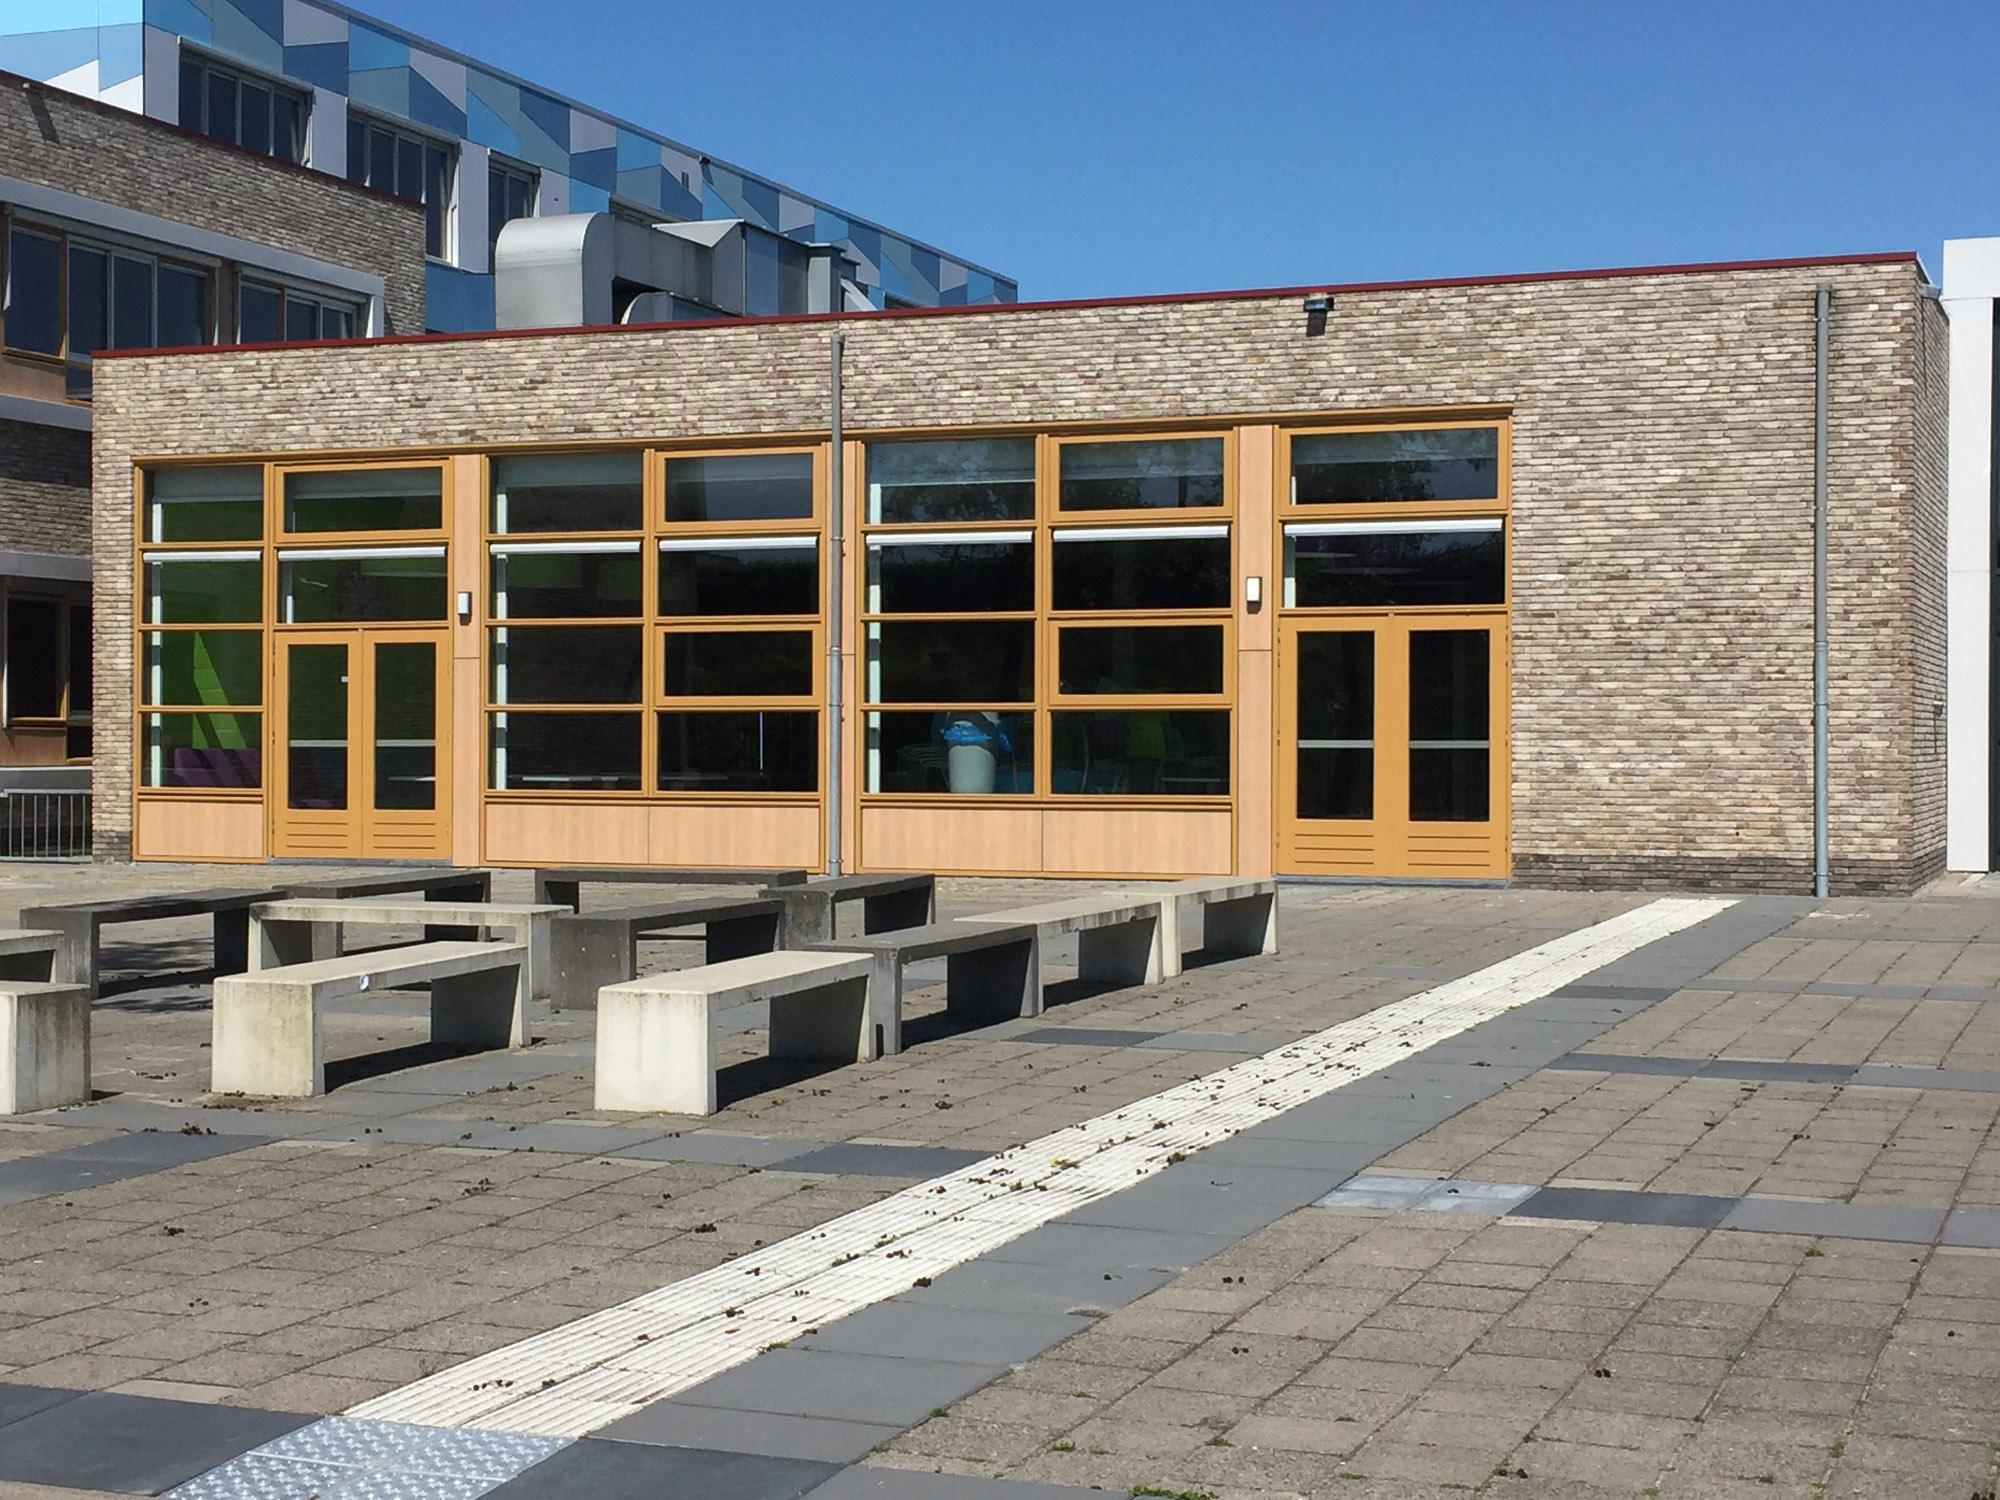 Alfrink College Gemma Smid Architectuurprijs Zoetermeer